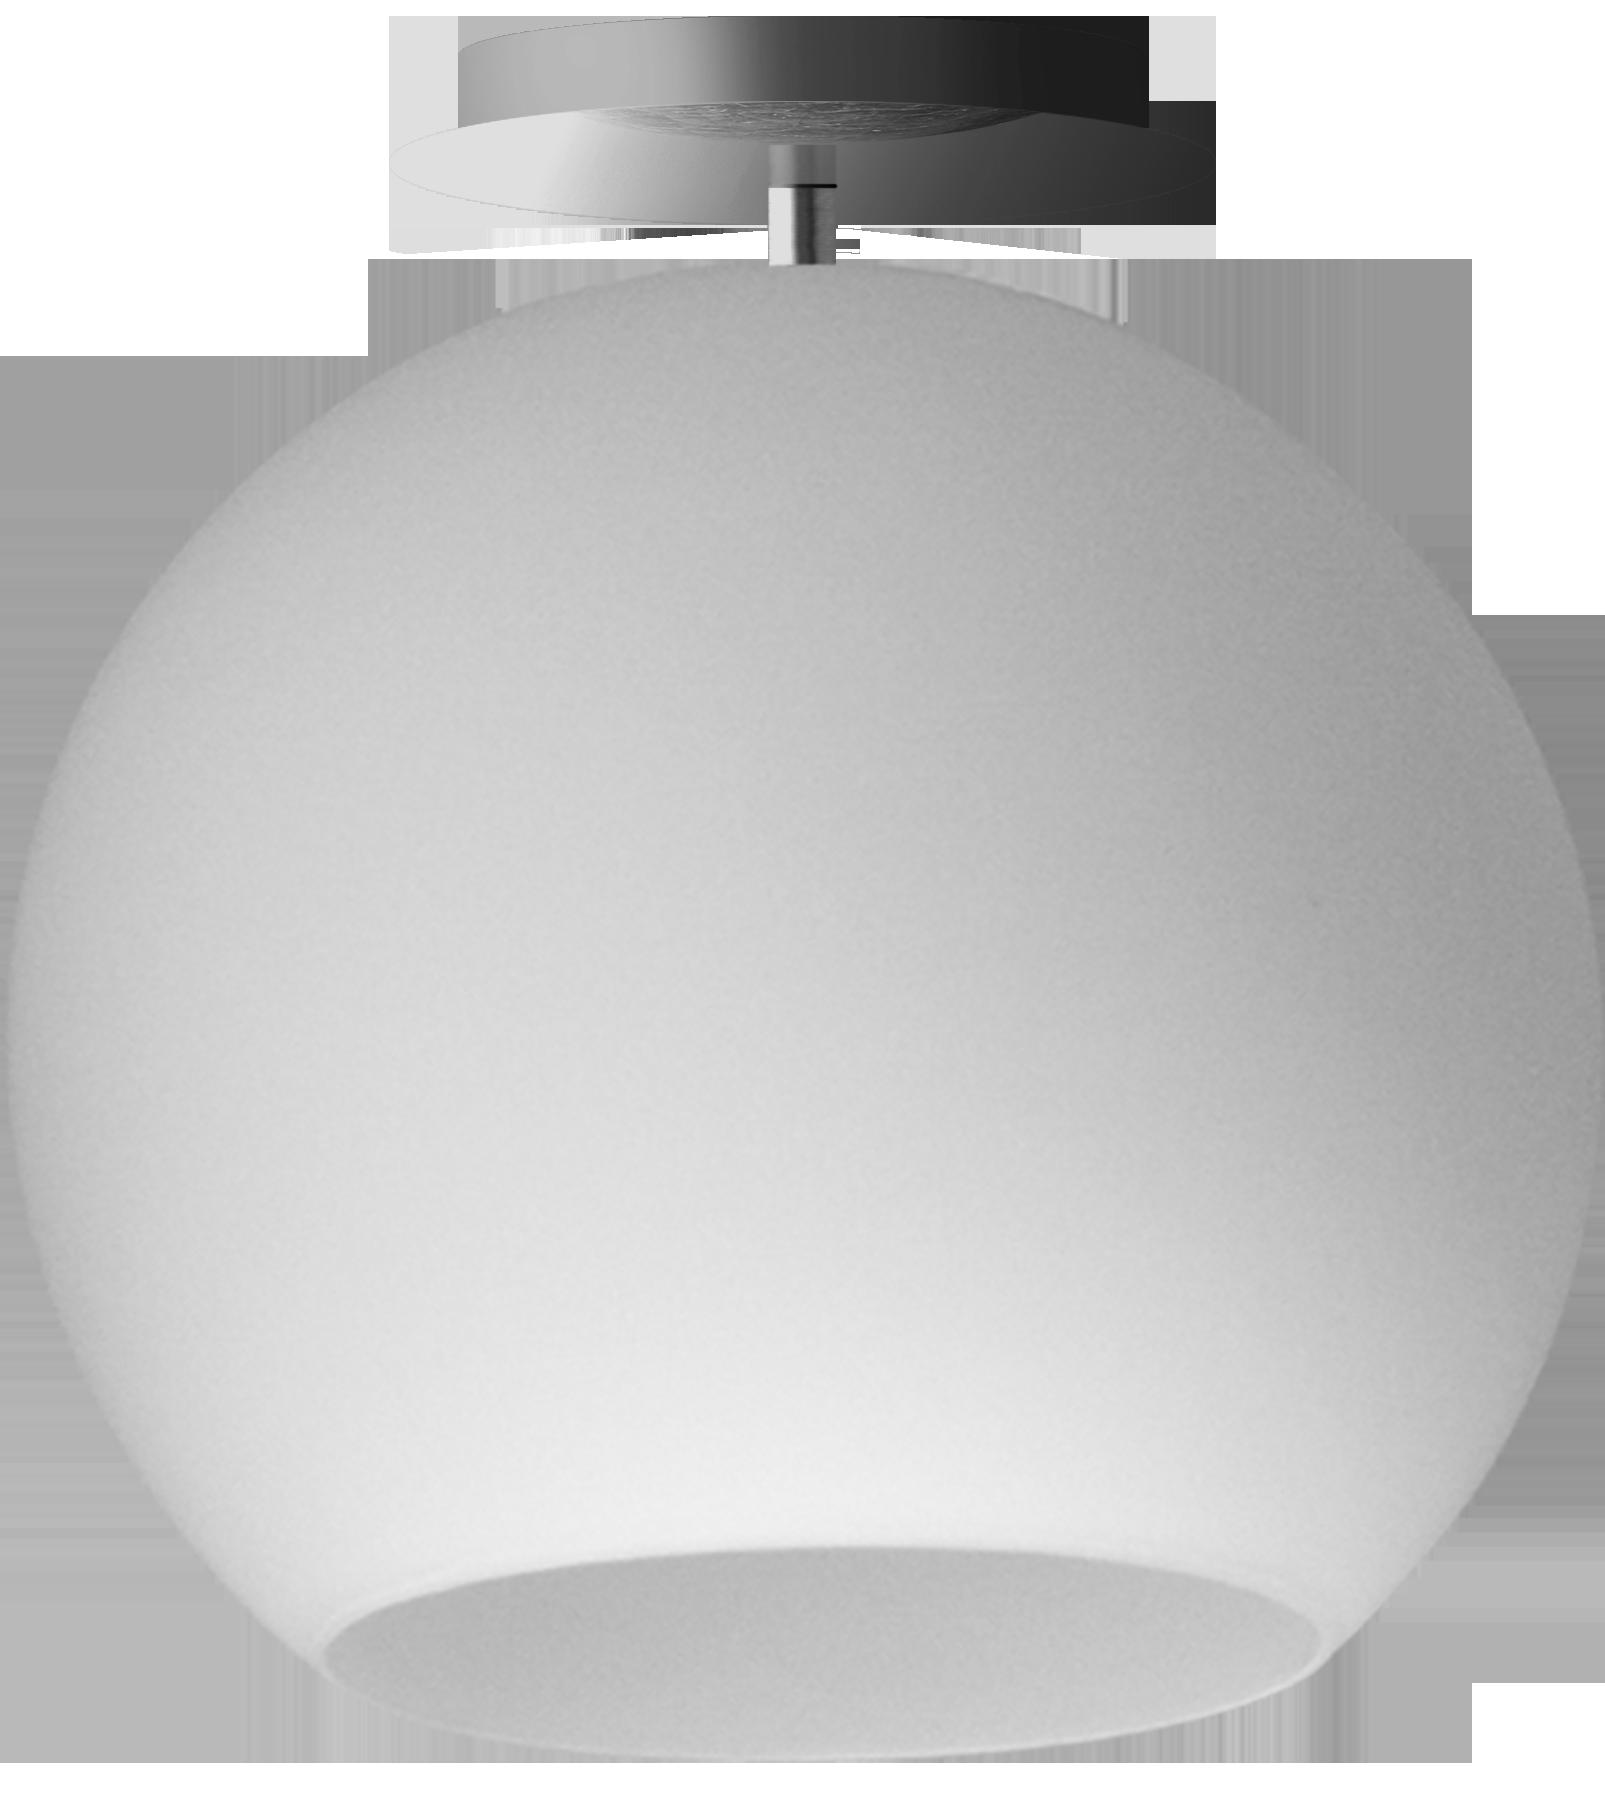 svetil'nik-belyj